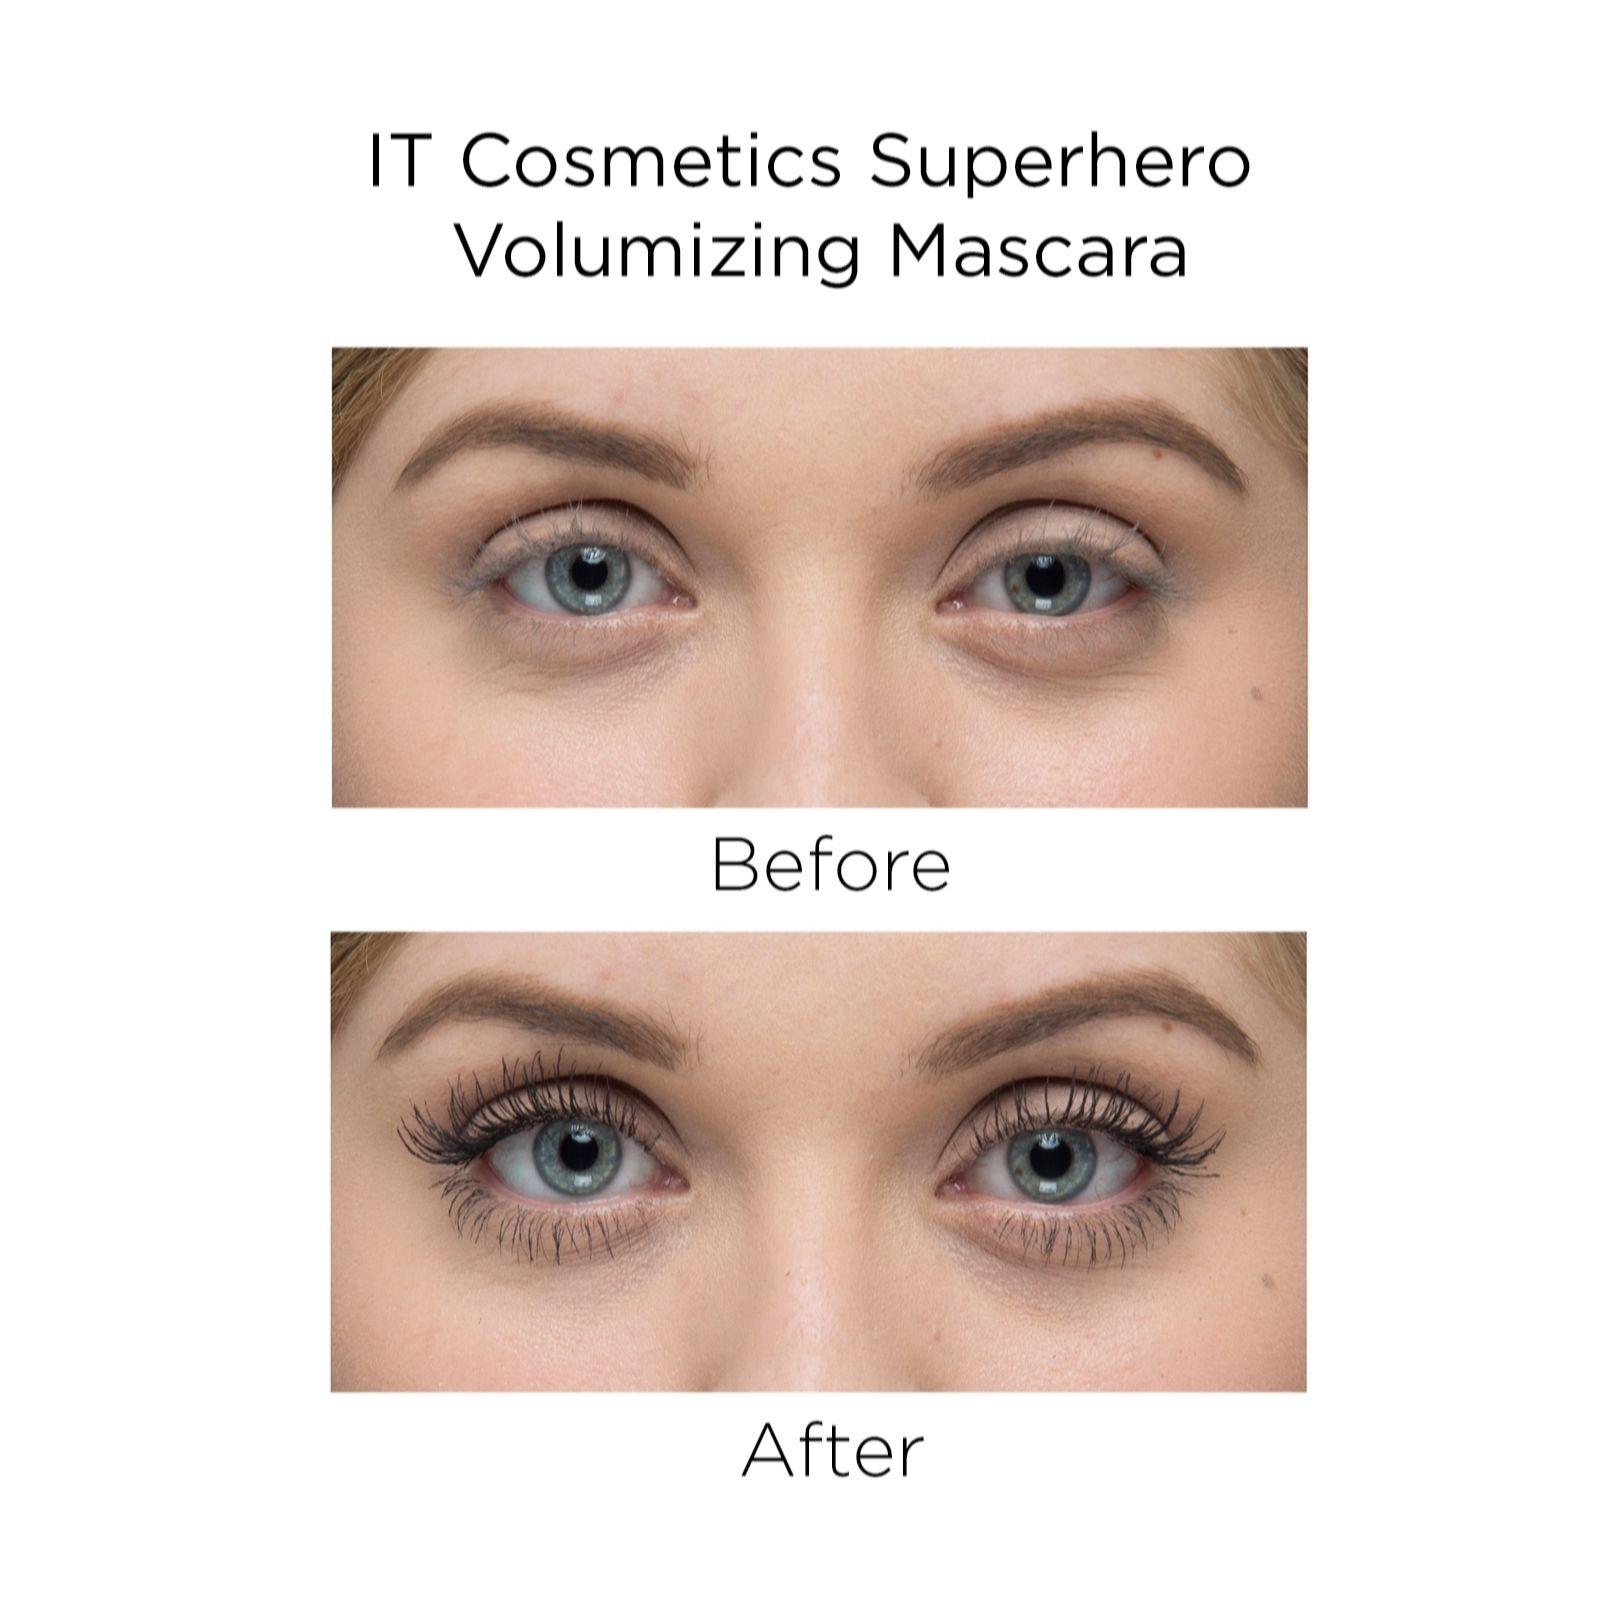 Mascara brands list